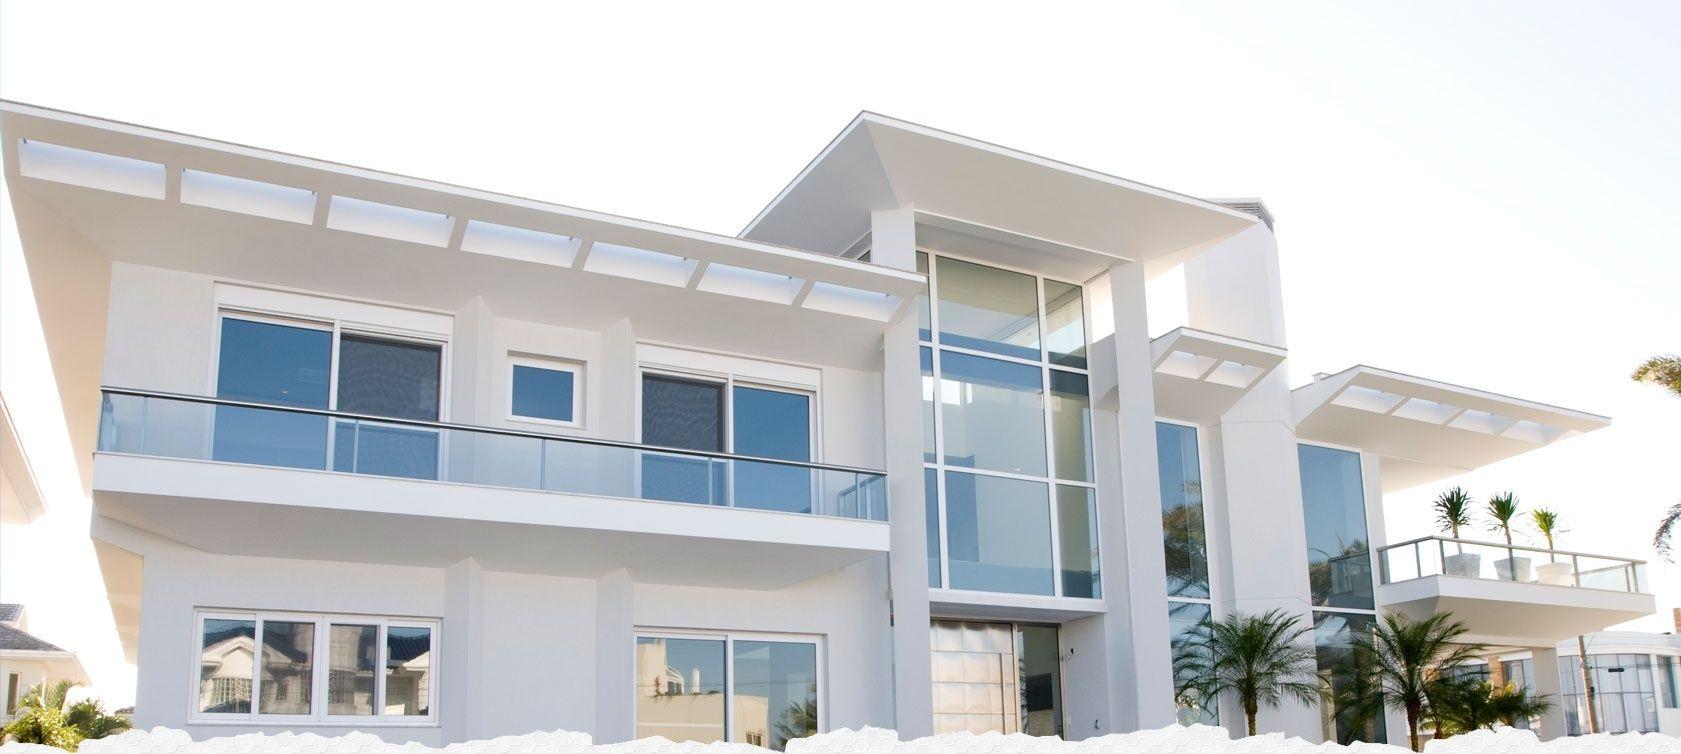 Insulfilm para Vidros Residenciais Melhores Preços na Casa Verde - Insulfilm Residencial no Morumbi